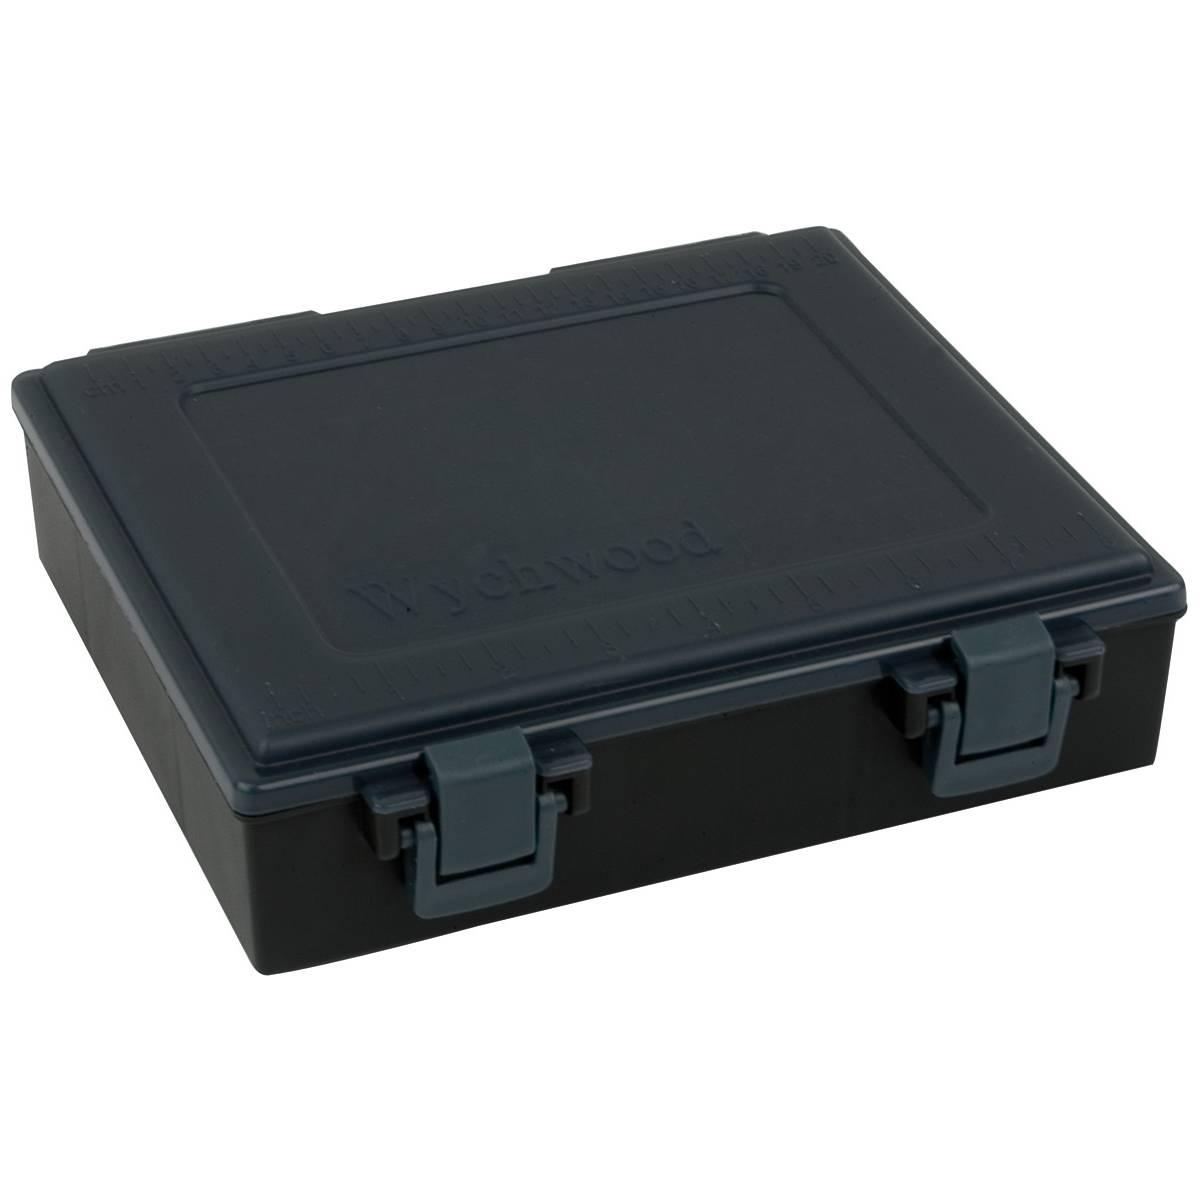 Wychwood - Carp  Tackle Box Large